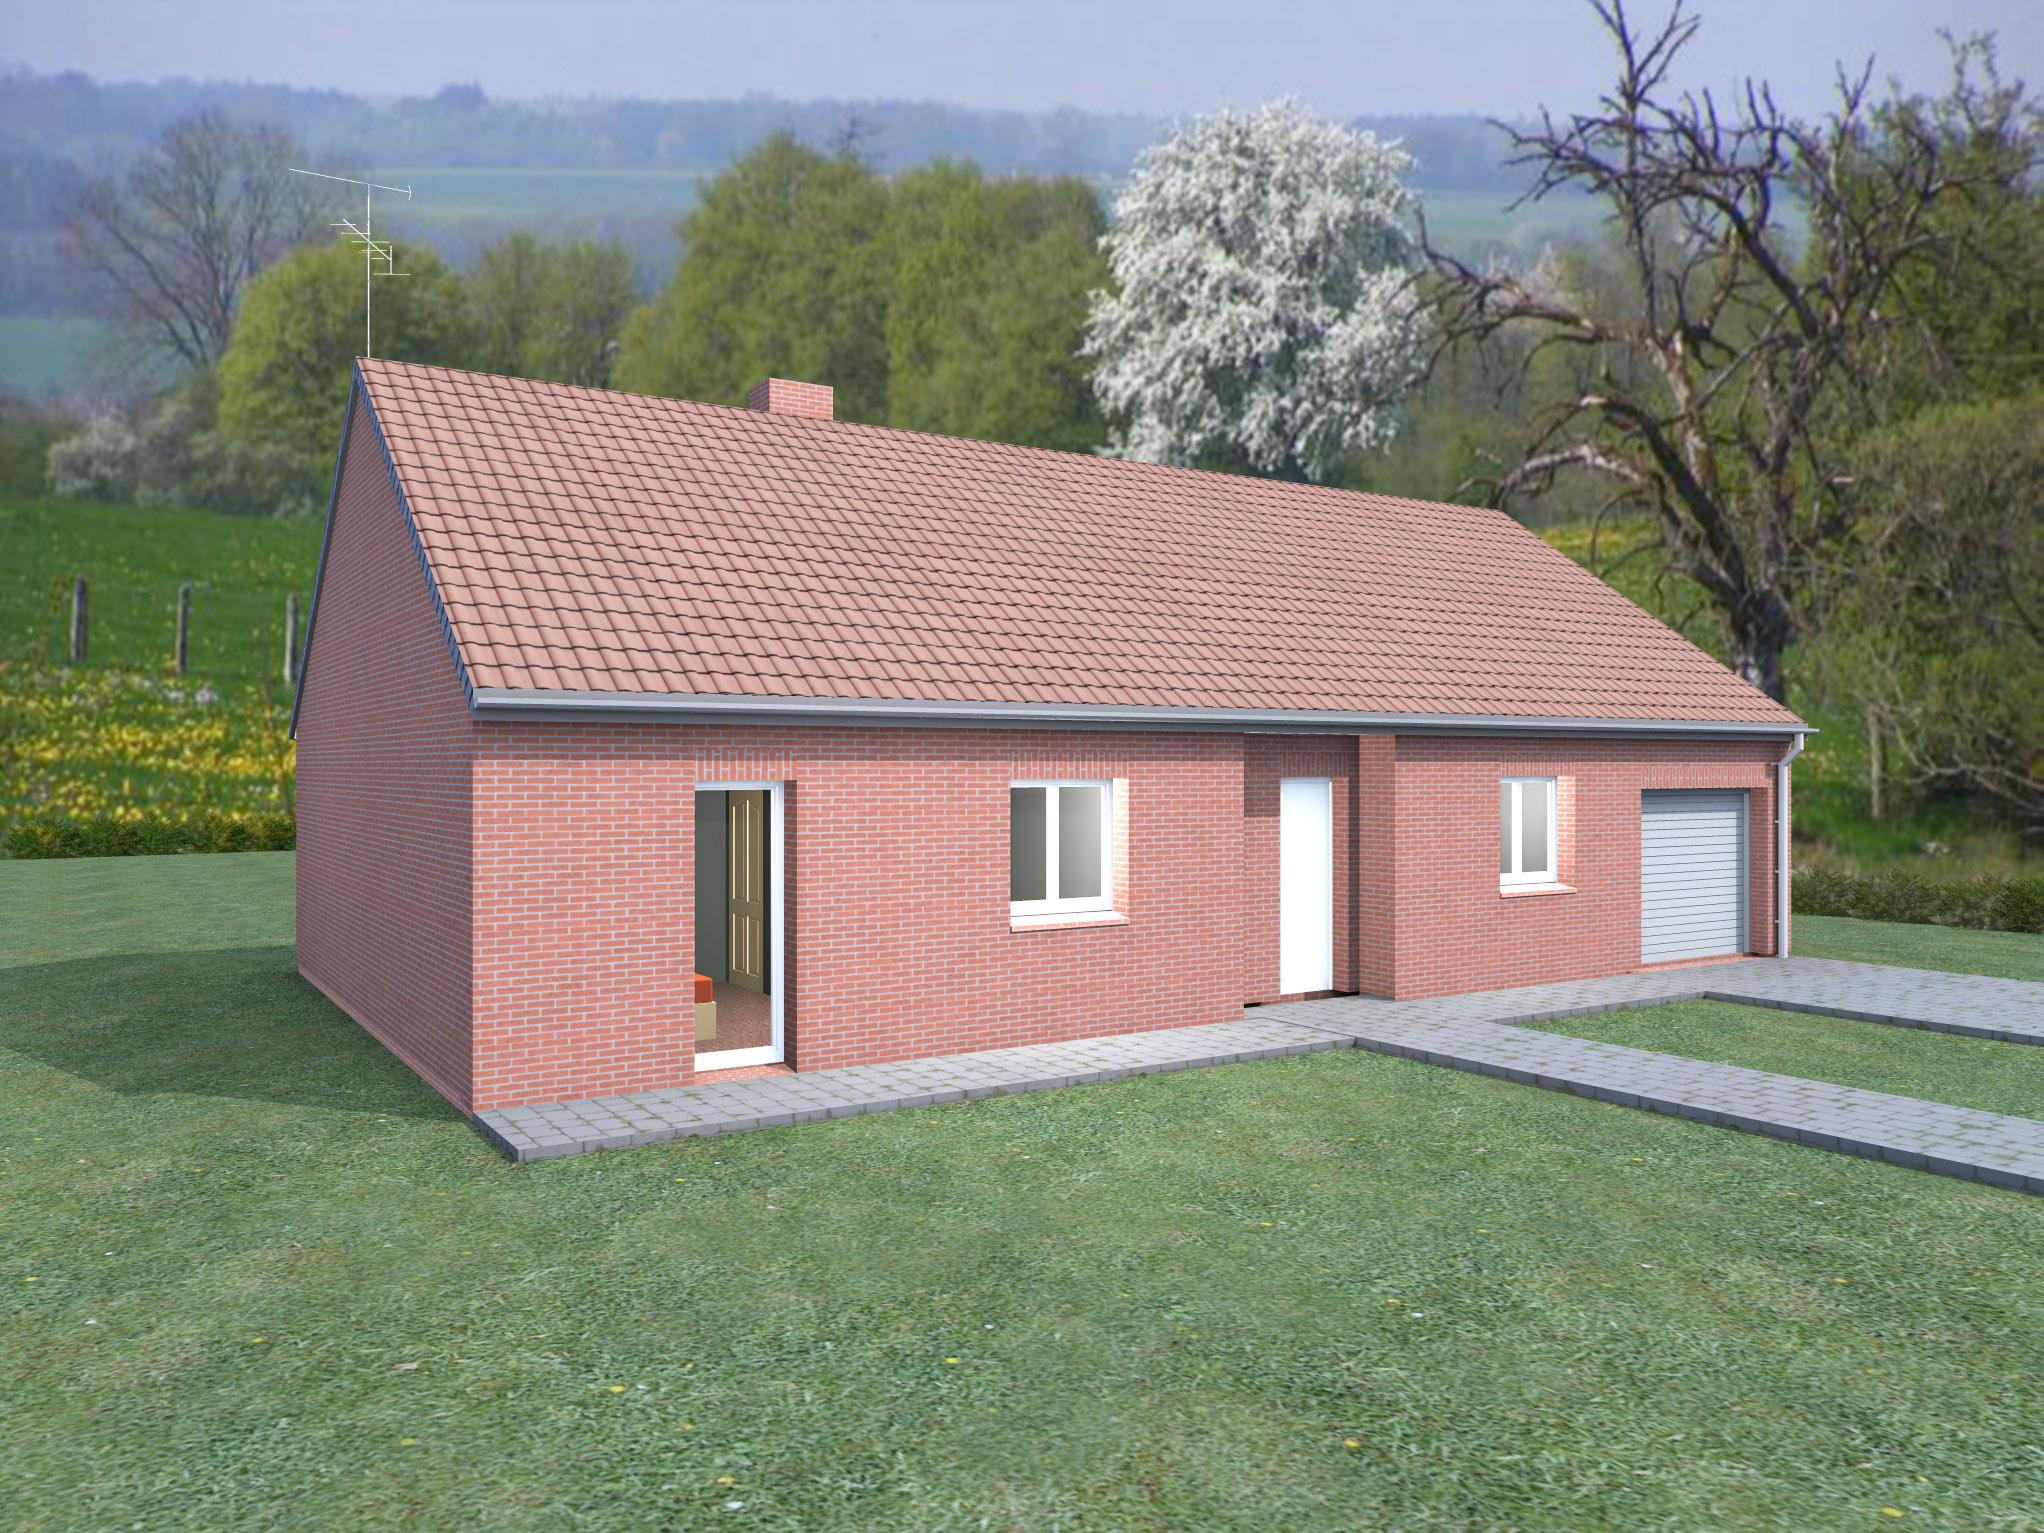 Couleur maison construction notre mod le rubis for Modele maison construction